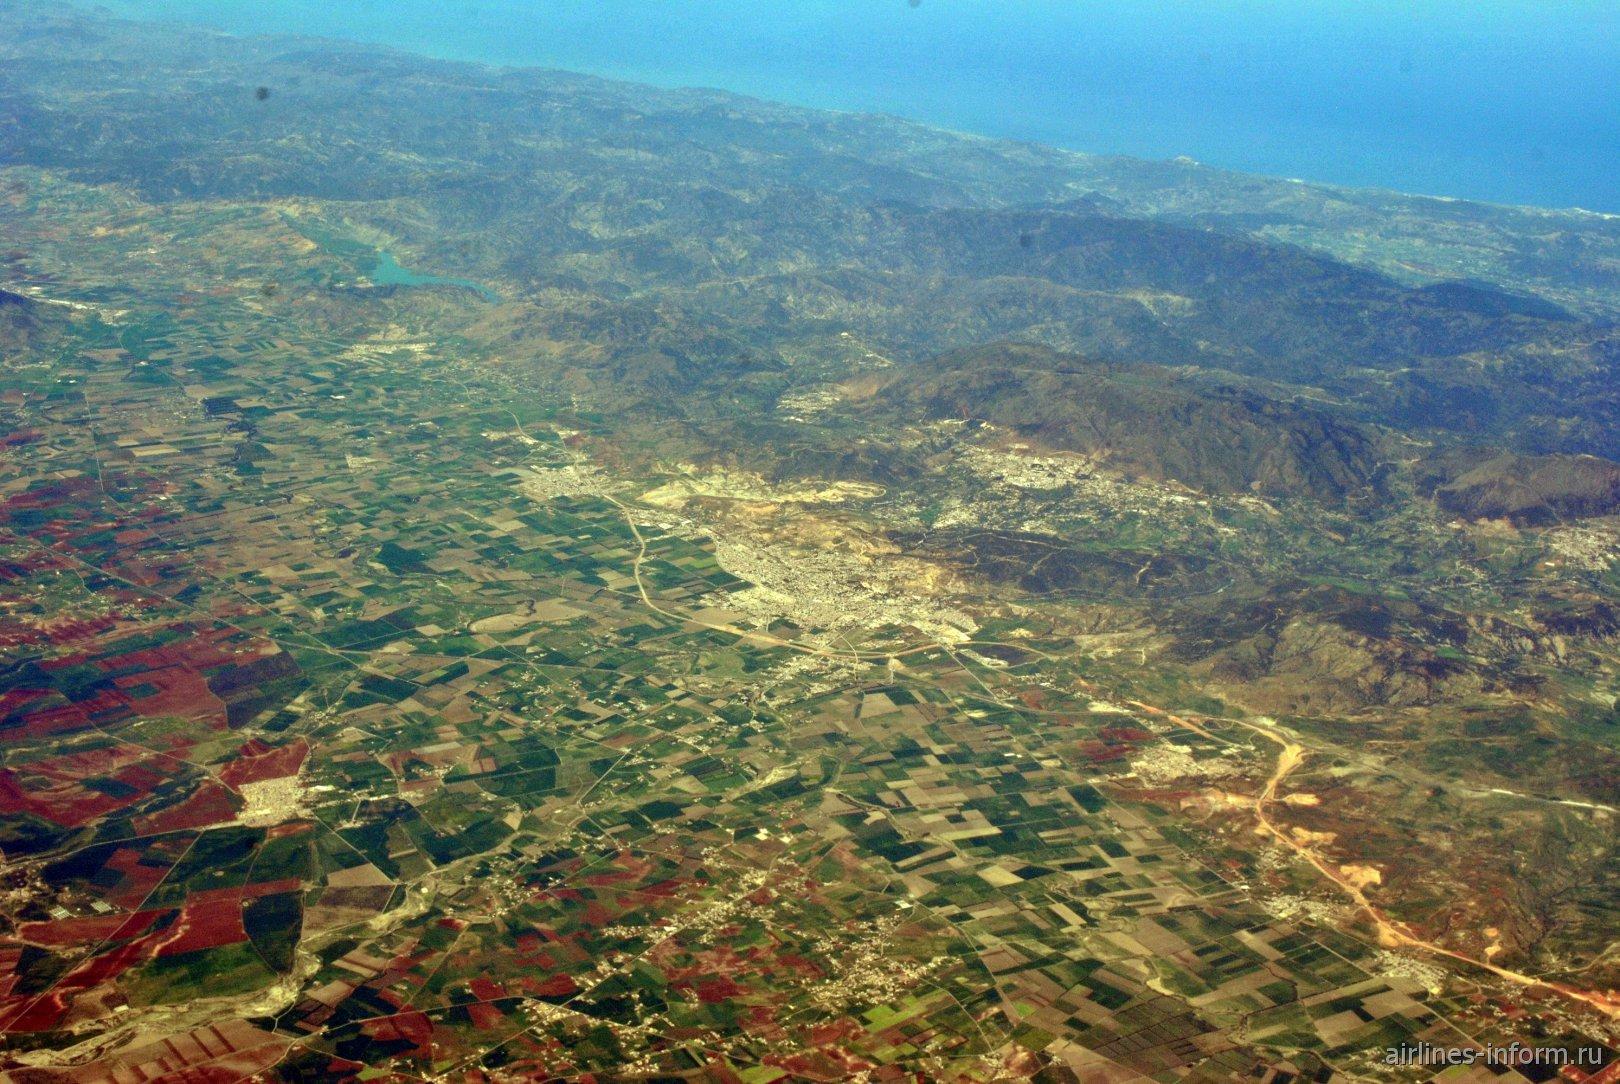 В полете над городом Кхеми Мильяна в Алжире